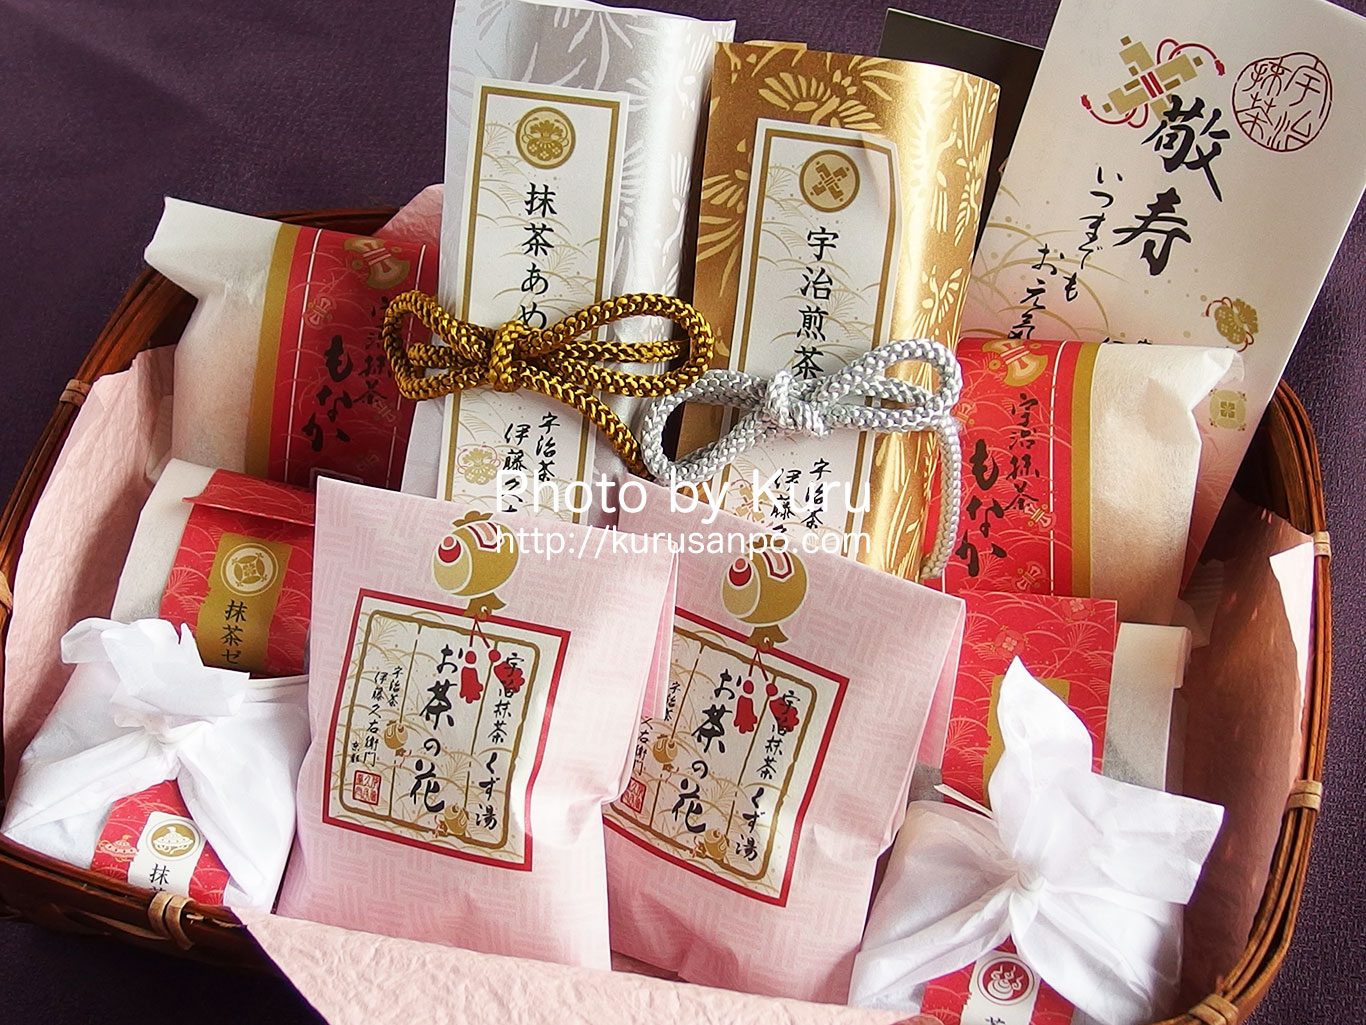 伊藤久右衛門の敬老の日ギフト『竹かごセット 宝づくし2015』を家族で楽しむ♪